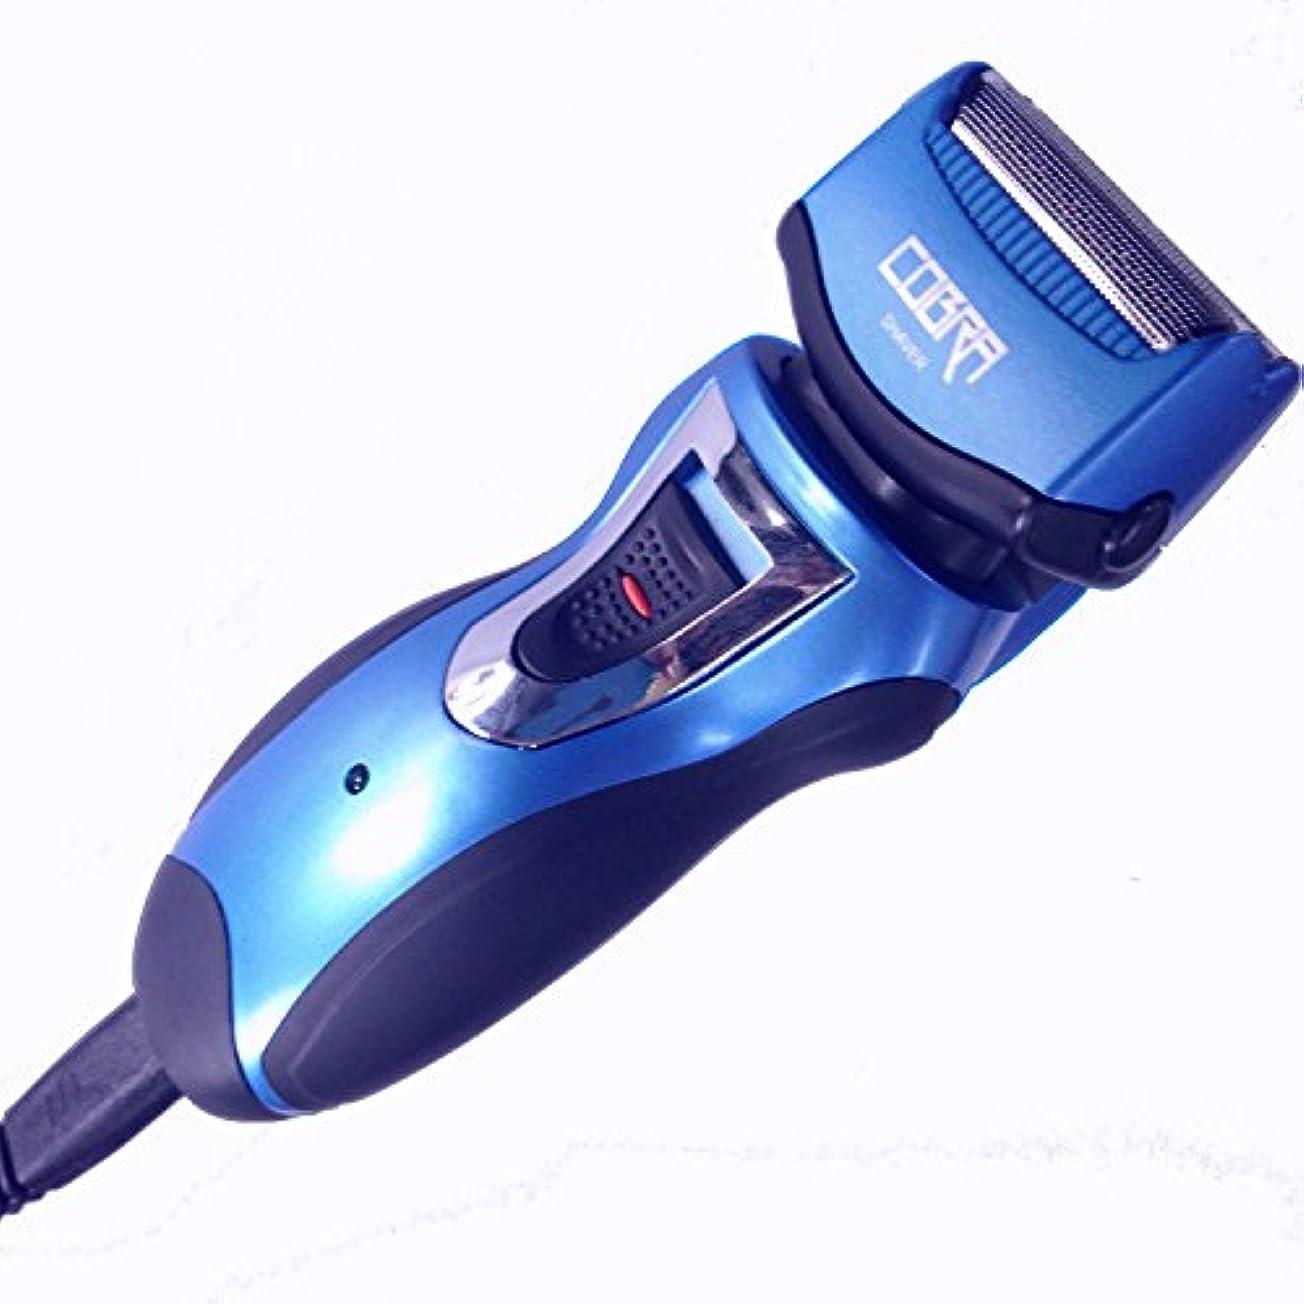 リテラシー再生的上記の頭と肩RQ-720 充電式ひげそり器 ウォータープルーフ シェーバー コブラ 防水 水洗い可